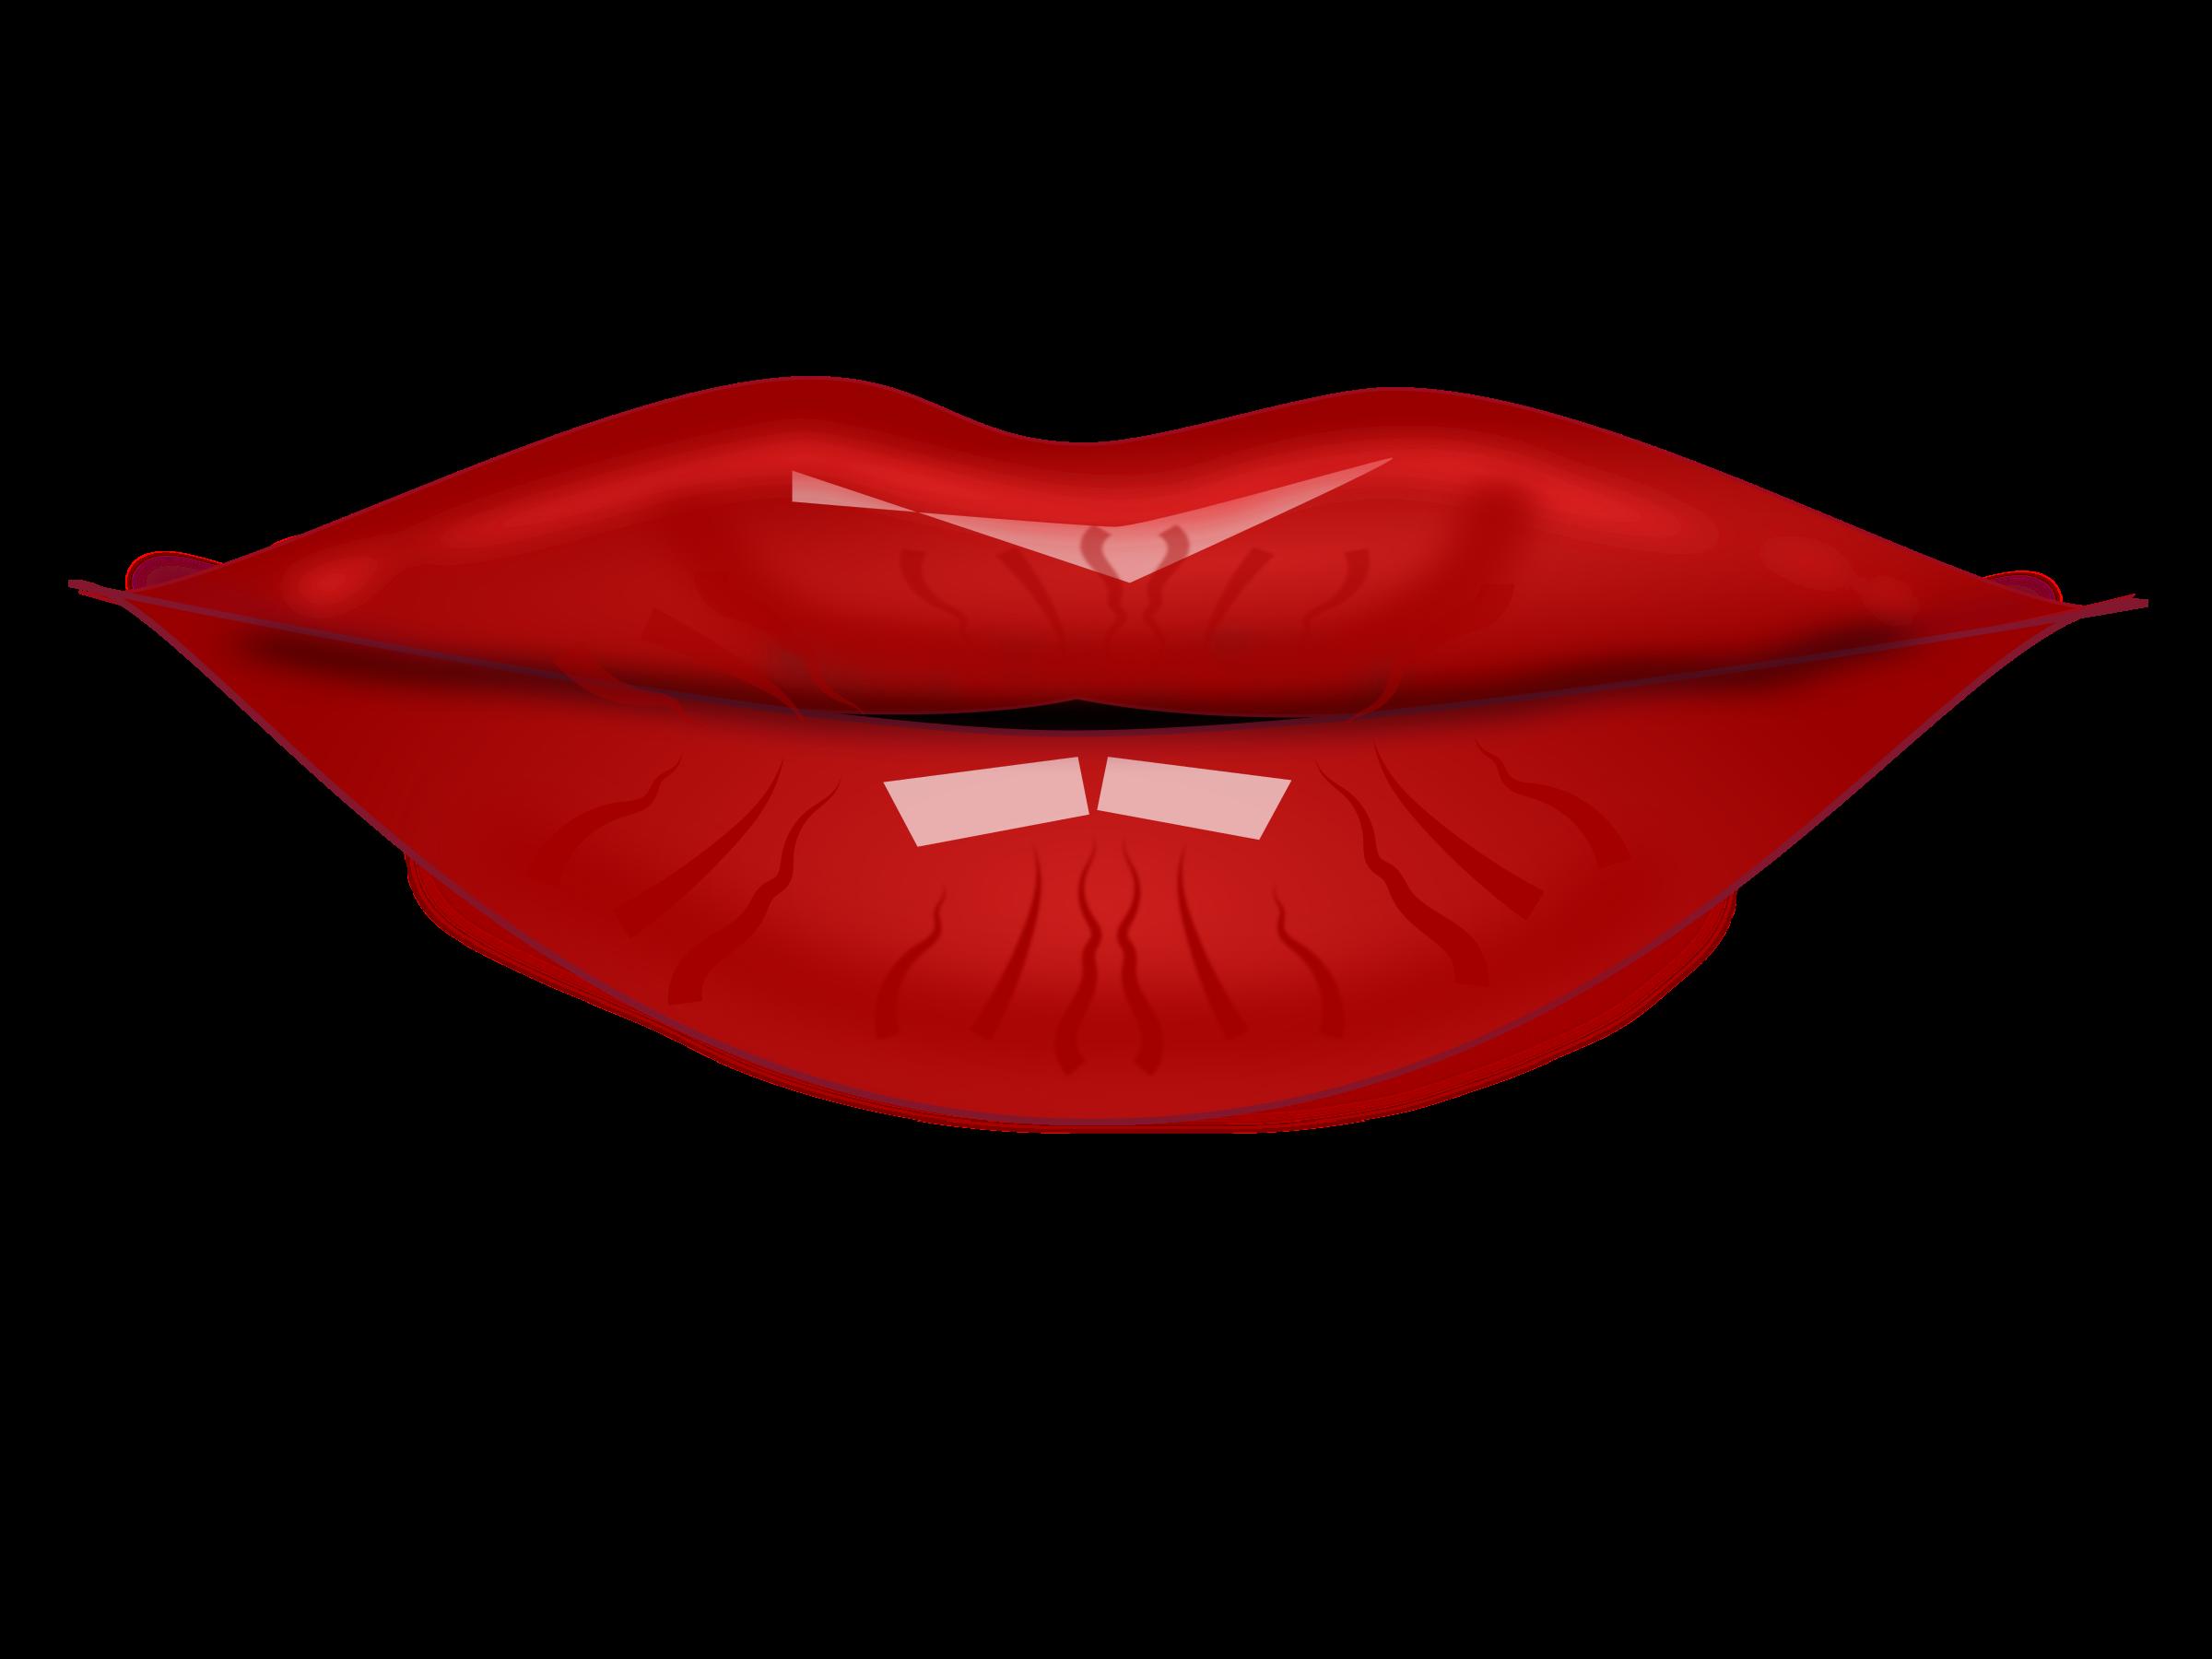 Lips Images Clip Art